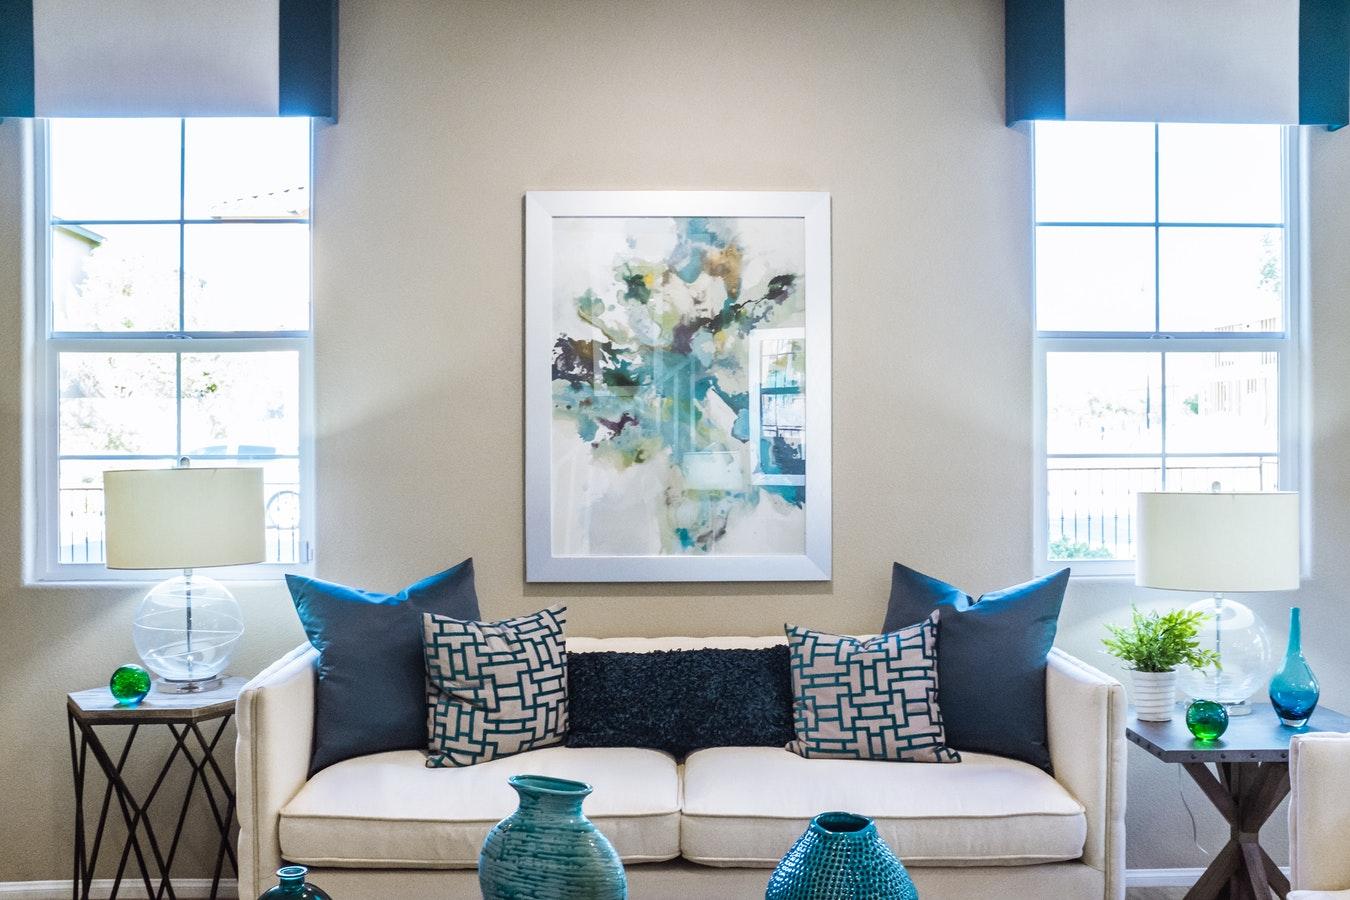 Los mejores estilos para decorar tu hogar (parte I)